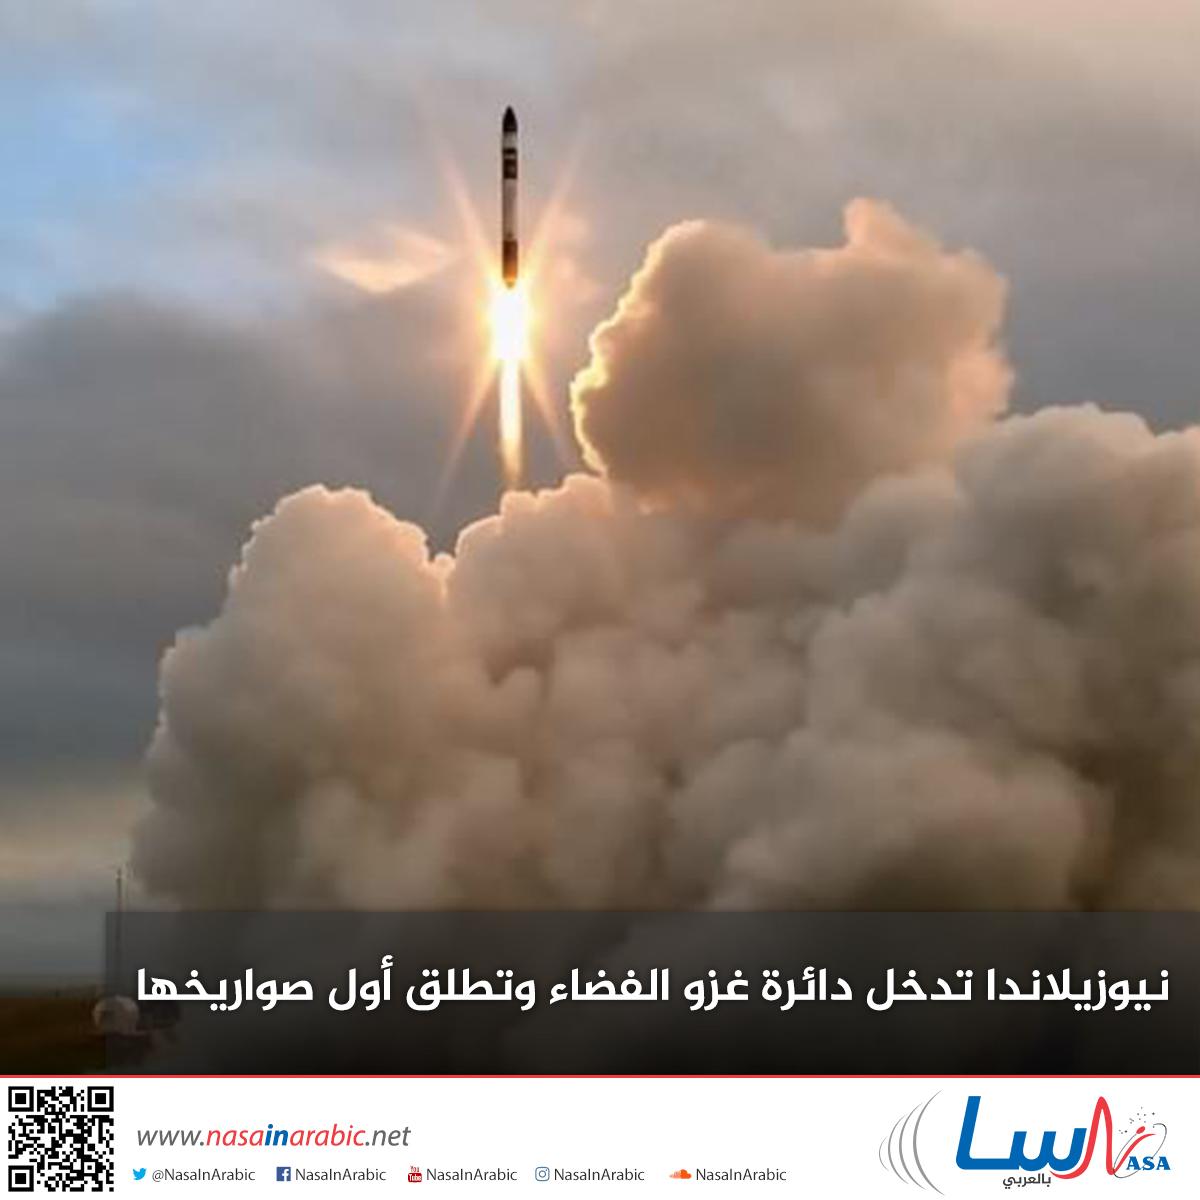 نيوزيلاندا تدخل دائرة غزو الفضاء وتطلق أول صواريخها